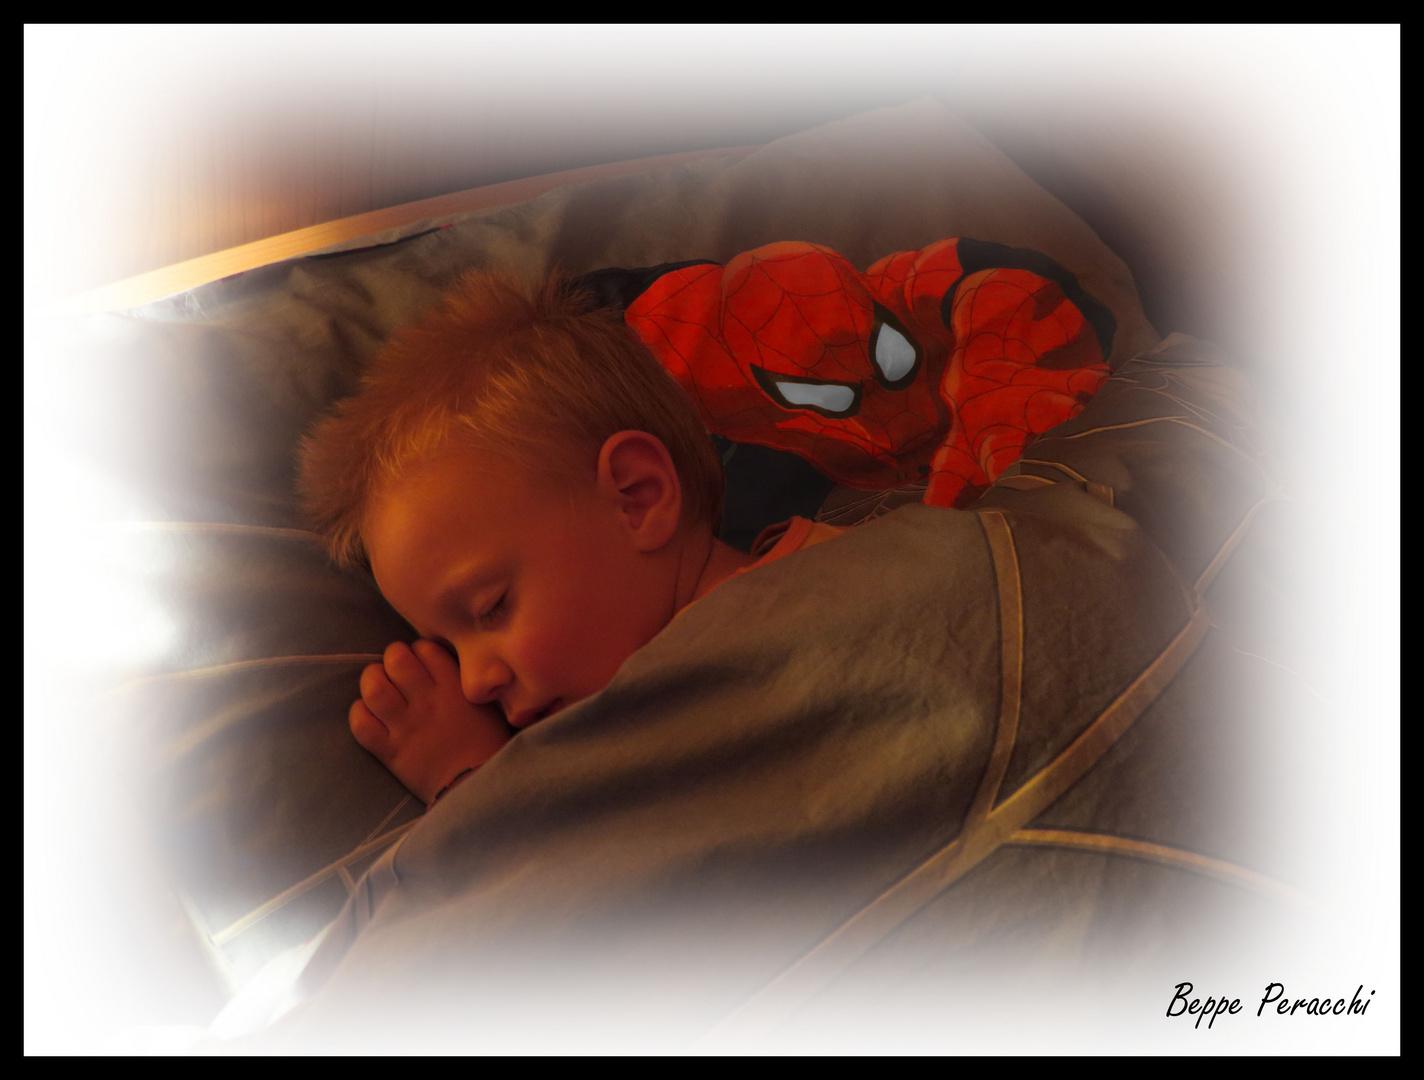 Dormi tranquillo piccolo...